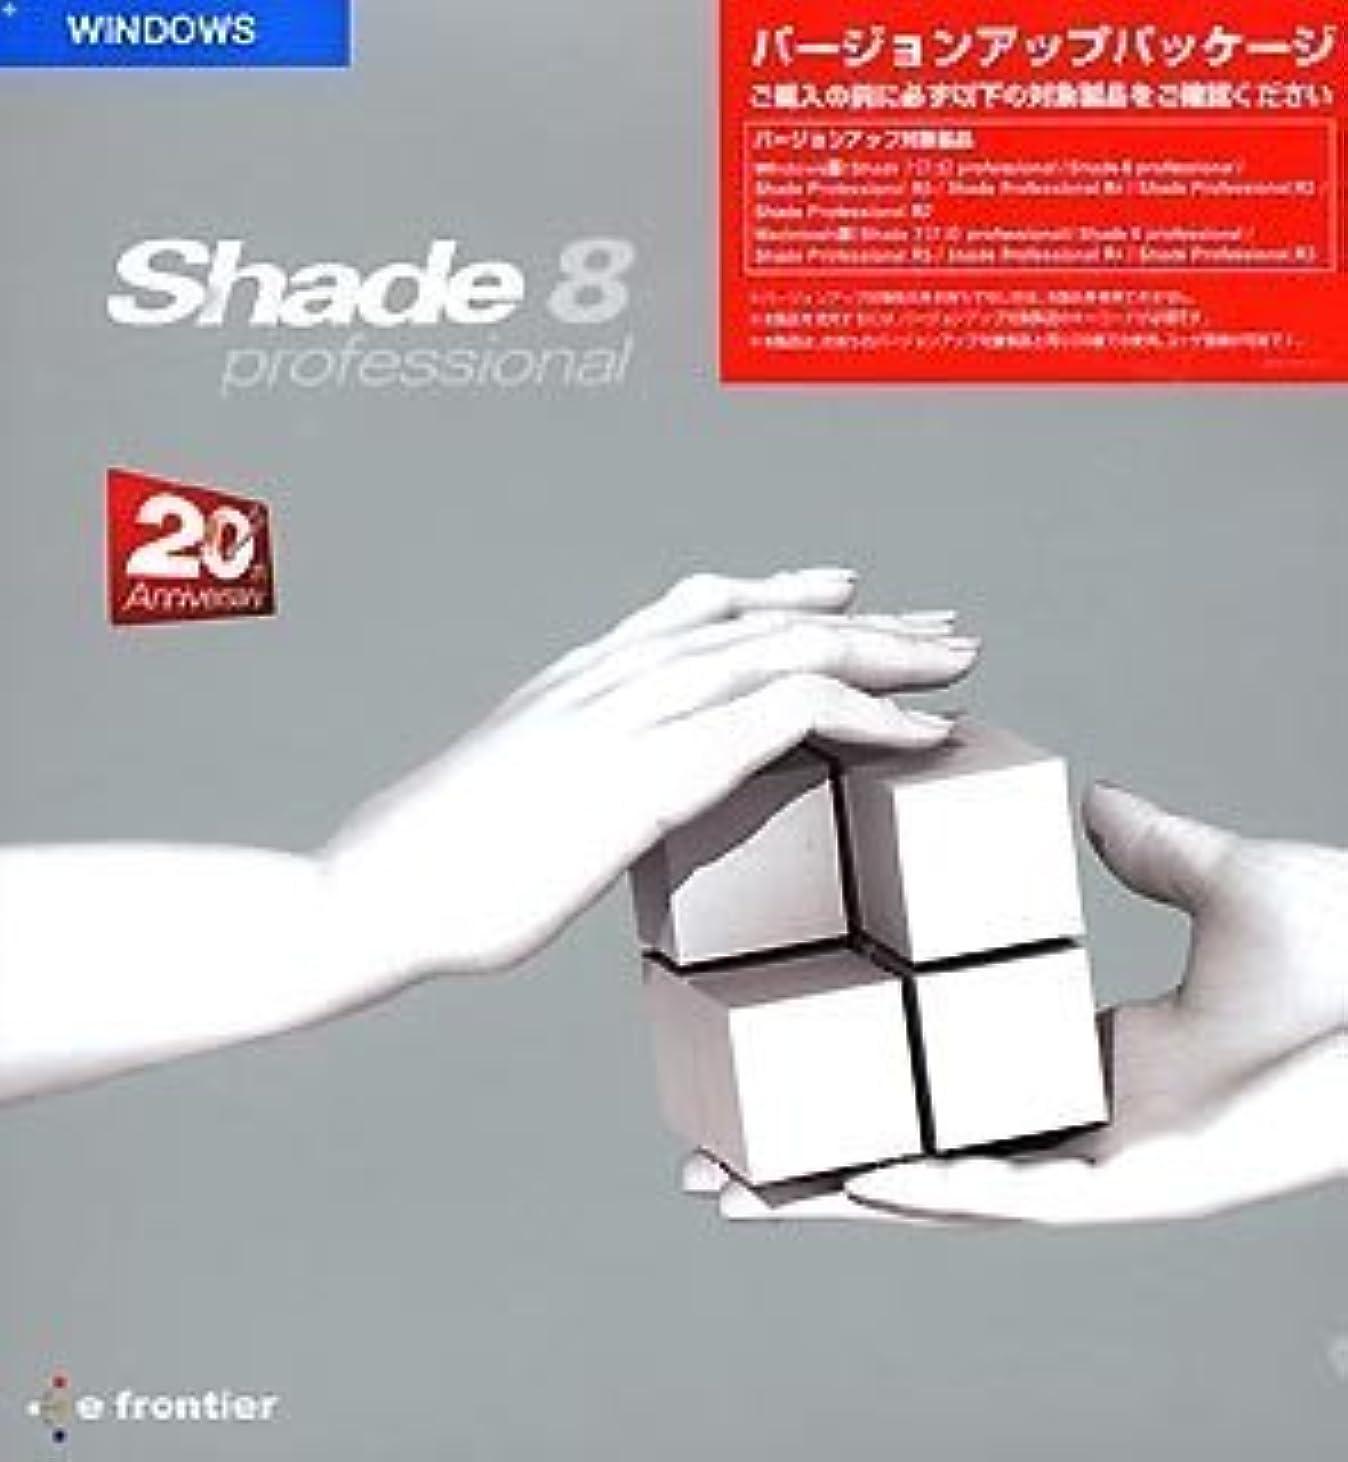 シャワーヘビ関連付けるShade 8 professional for Windows バージョンアップ版